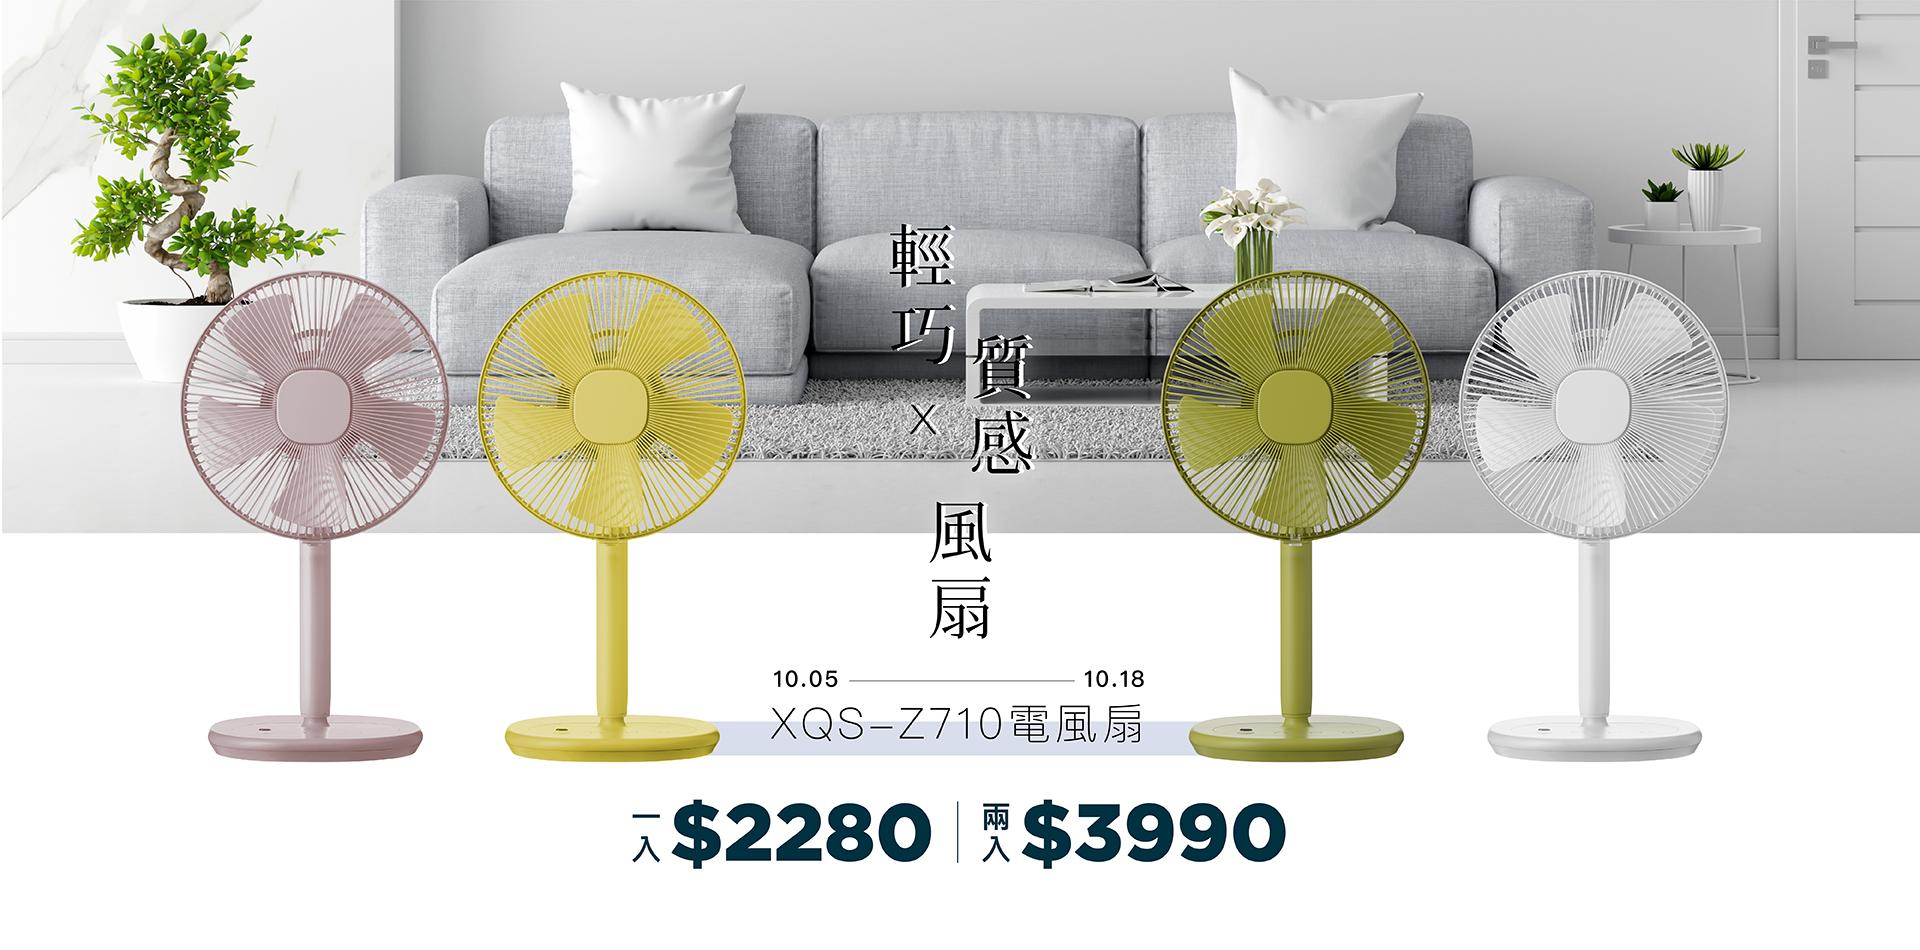 只有兩週!XQS-Z710風扇一入$2280,兩入$3999